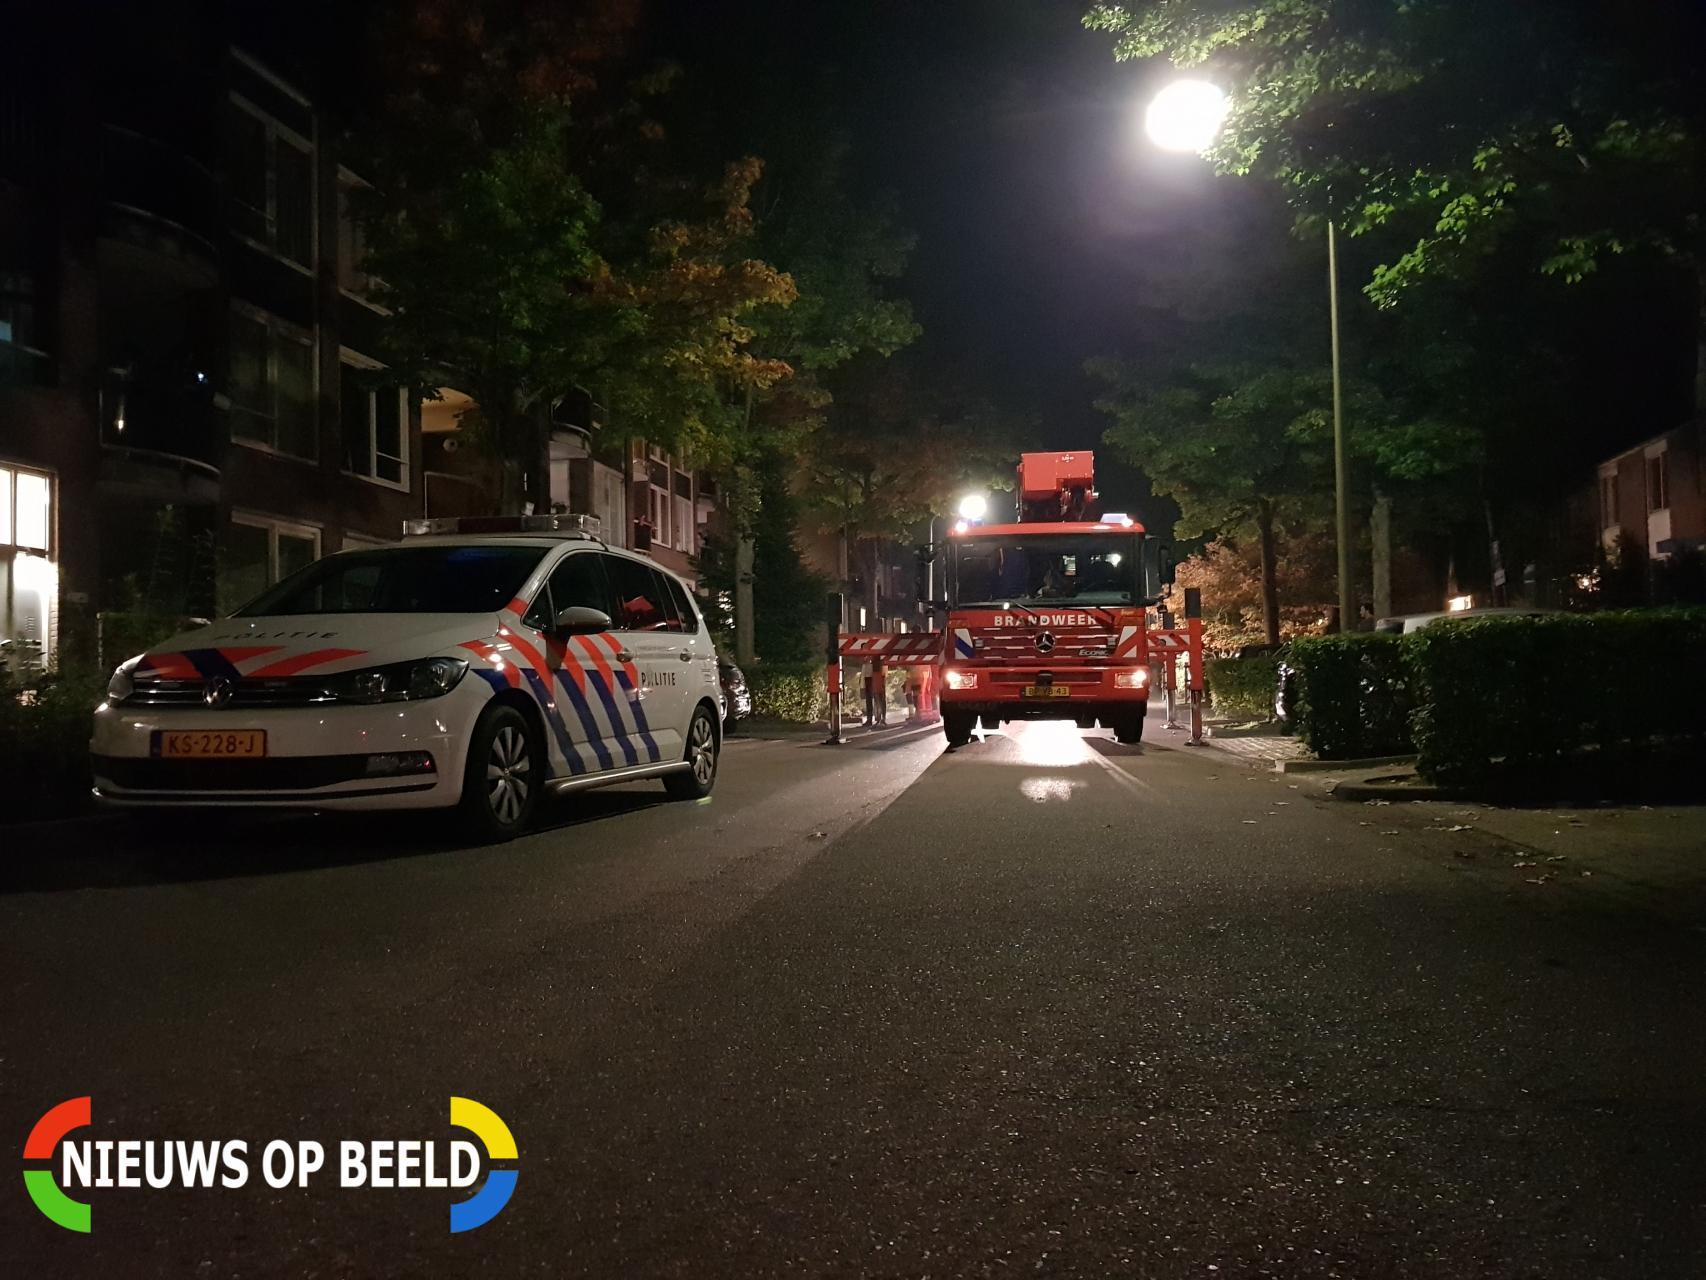 Inzet hulpdiensten nadat thuiszorg geen contact krijgt met bewoner Felix Ruttenlaan Sittard